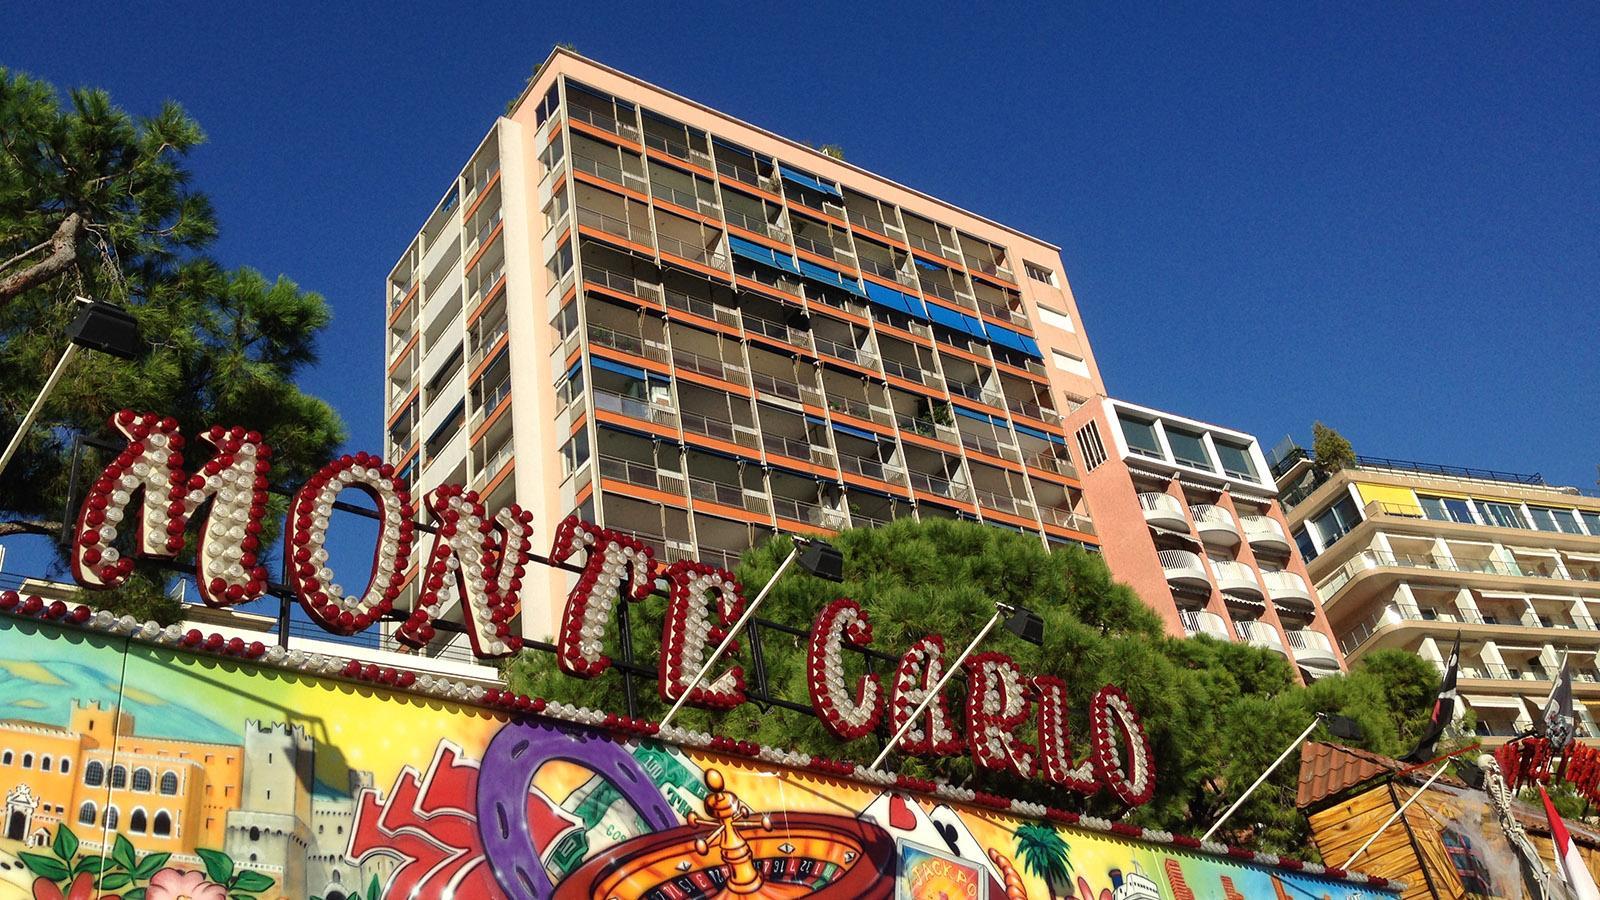 Monaco: Jahrmarkt am Kai: die Amüsiermeile von Monte-Carlo. Foto: Hilke Maunder